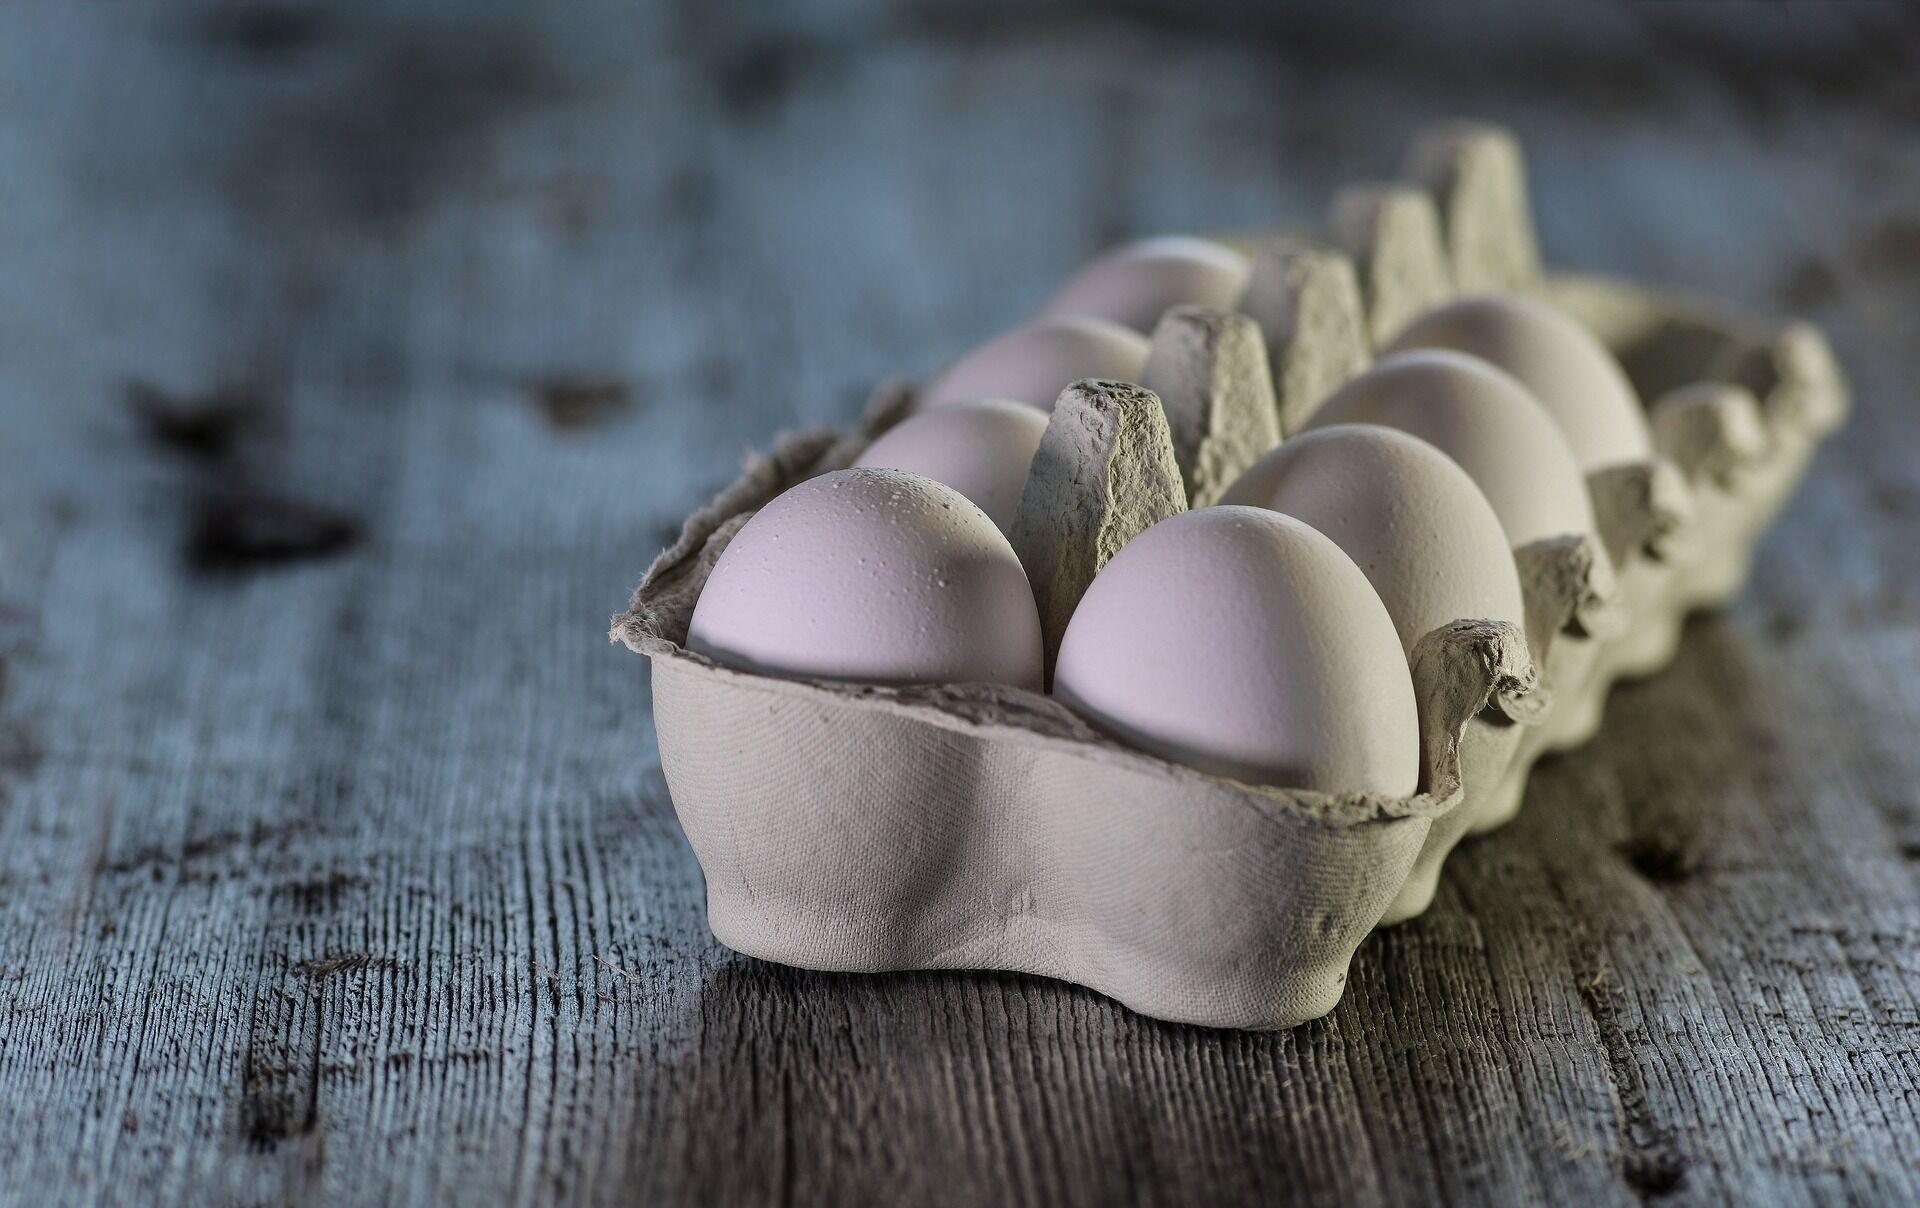 Вживання яєць допоможе зменшити підшкірний жир і зробити живіт більш плоским.